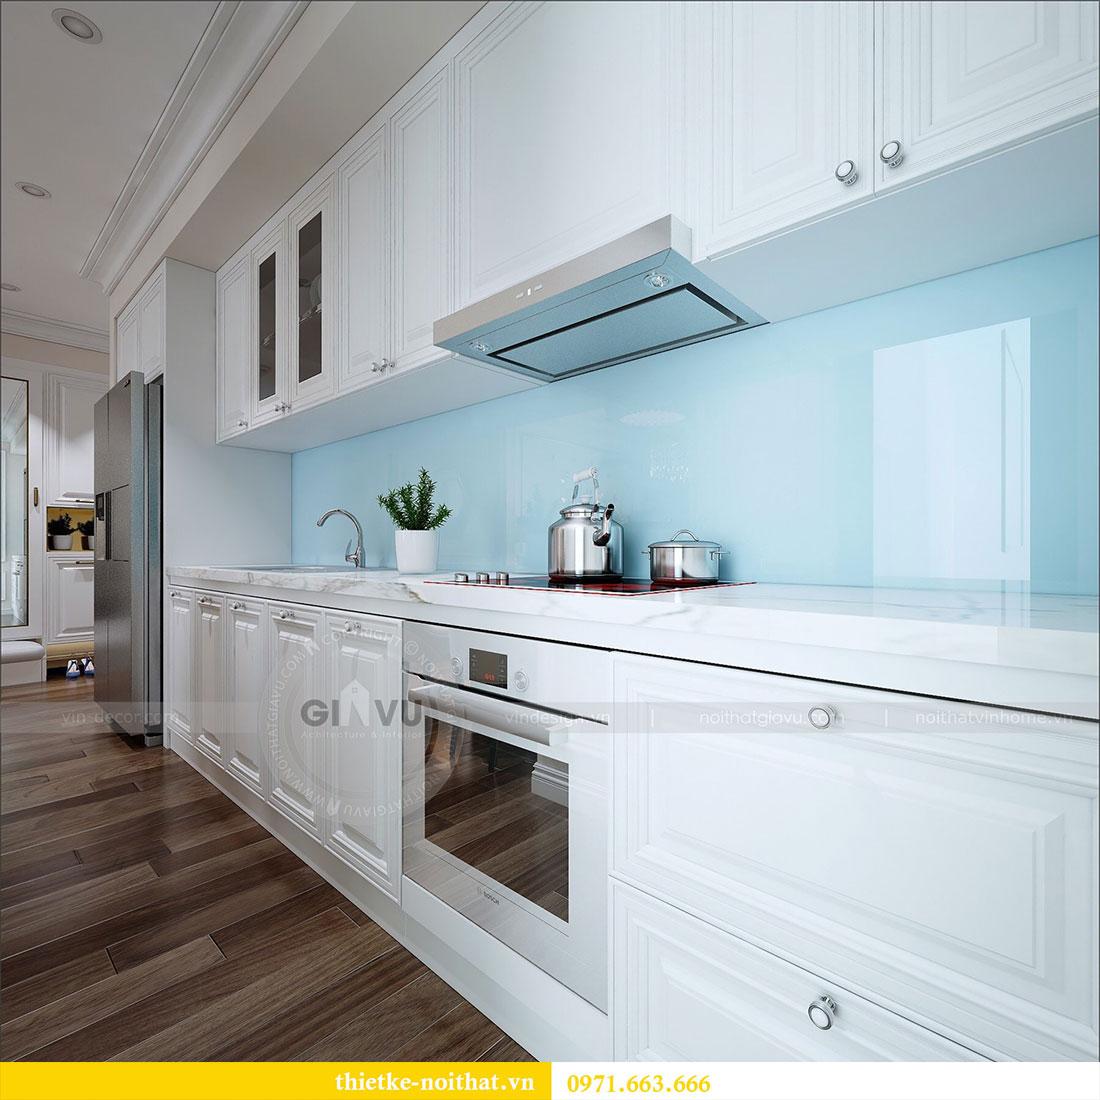 Thiết kế nội thất Vinhomes Dcapitale căn 2 phòng ngủ - chị Hiên 3